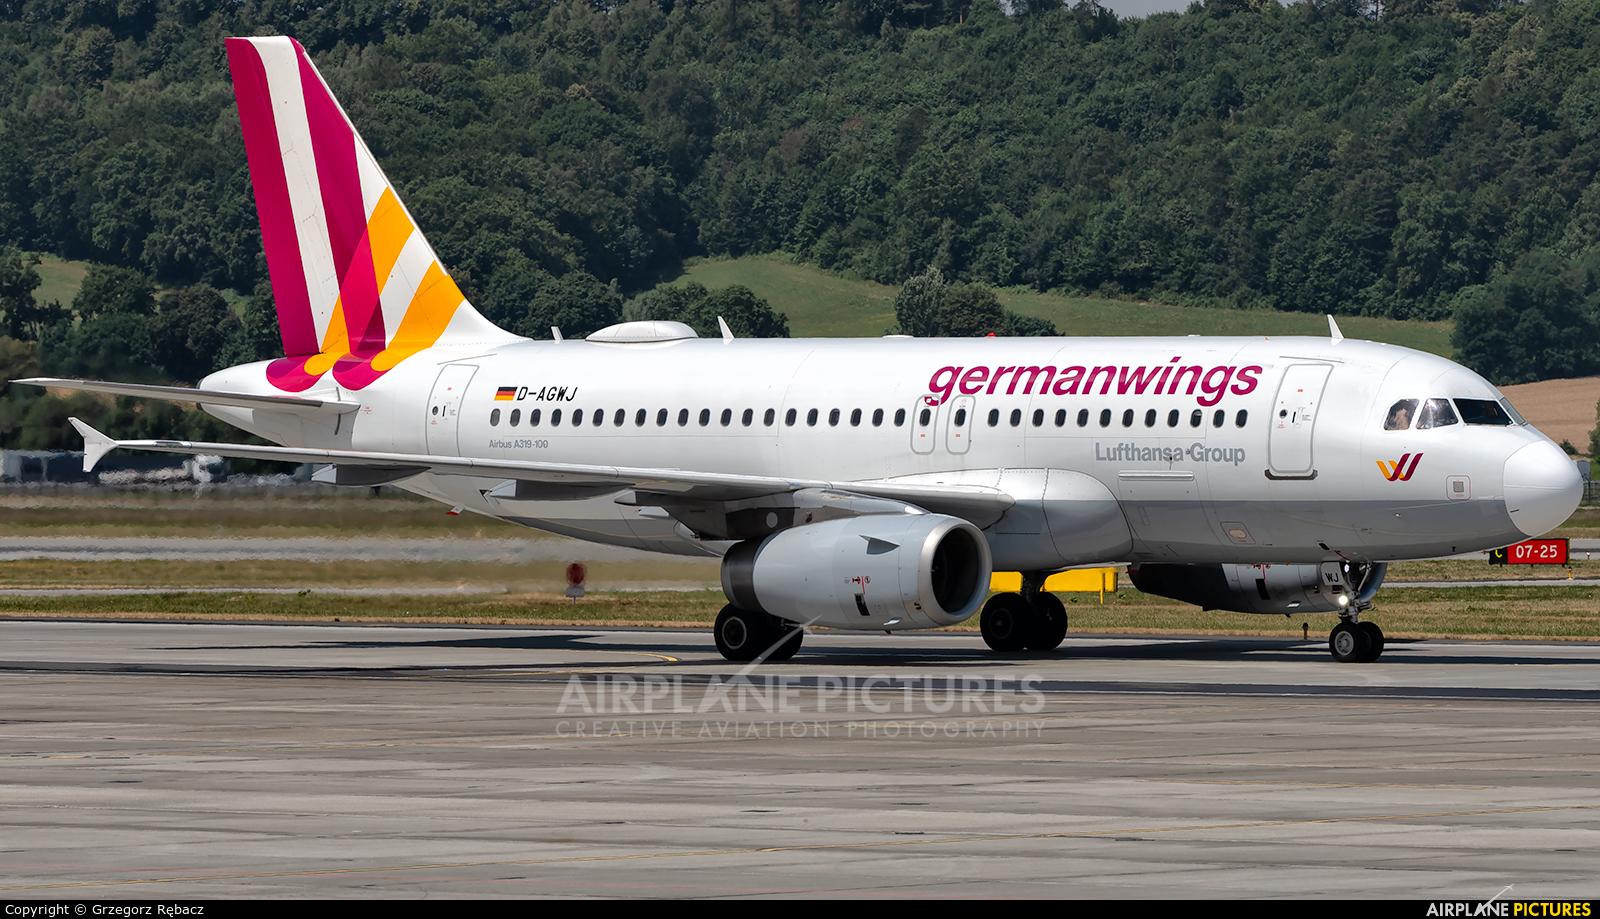 Germanwings D-AGWJ aircraft at Kraków - John Paul II Intl